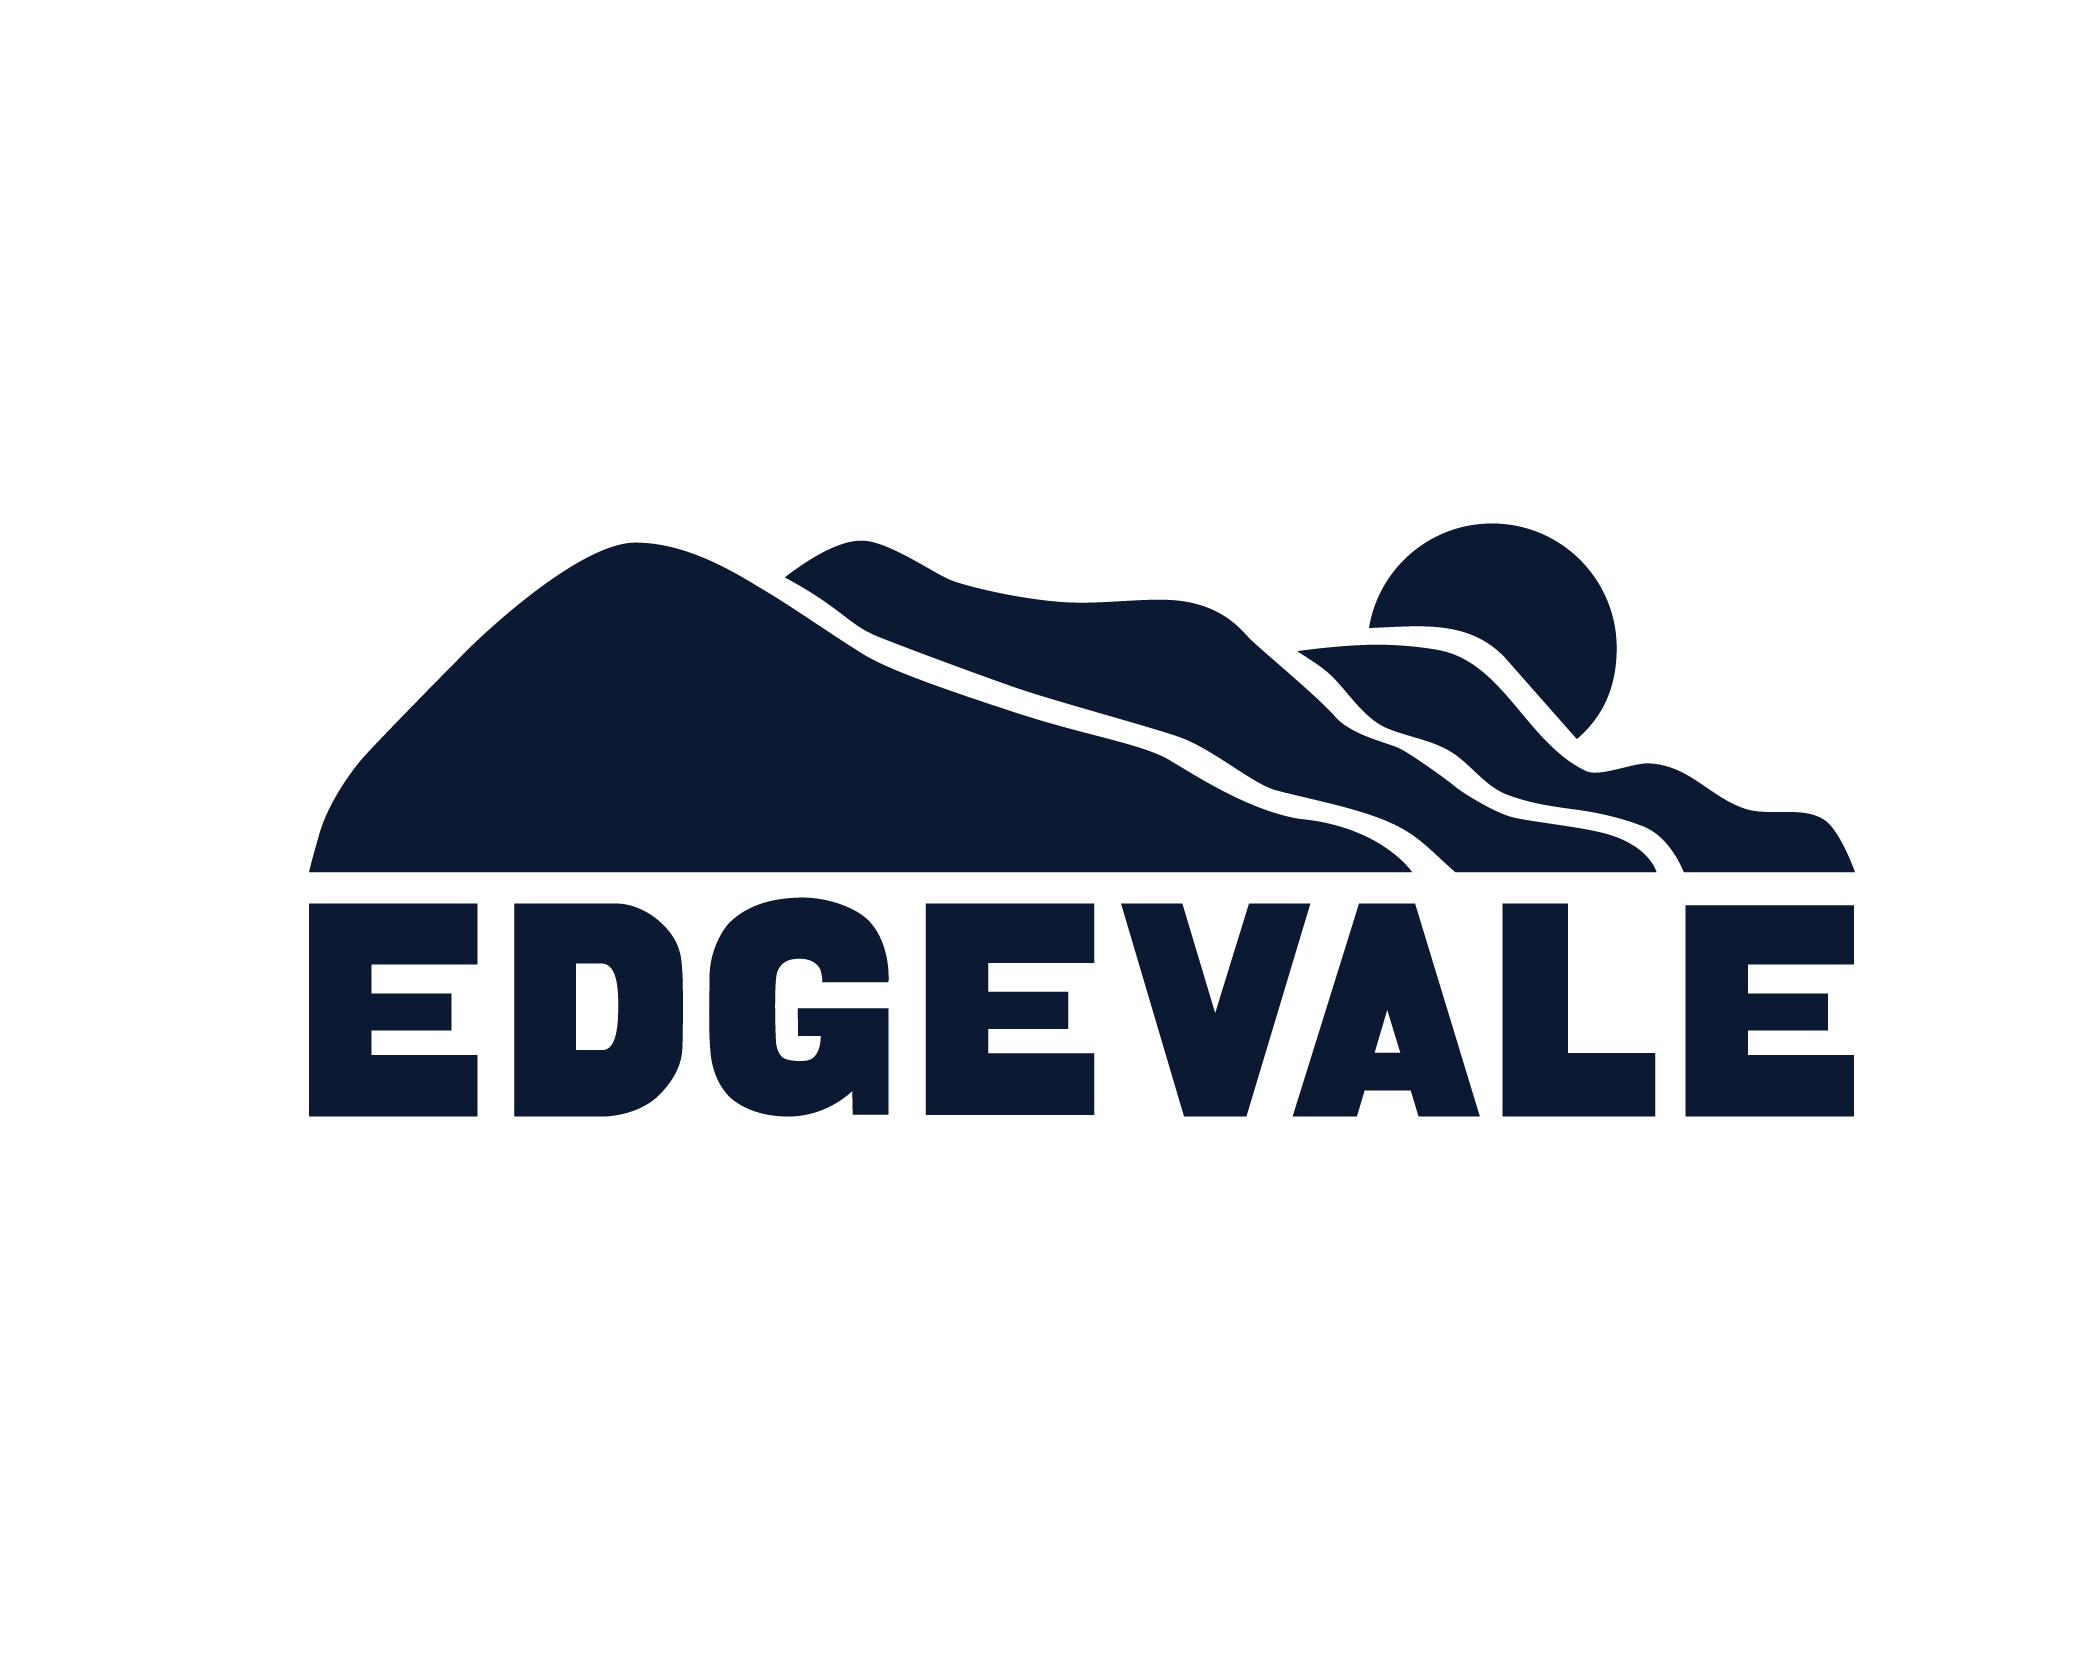 Edgevale logo